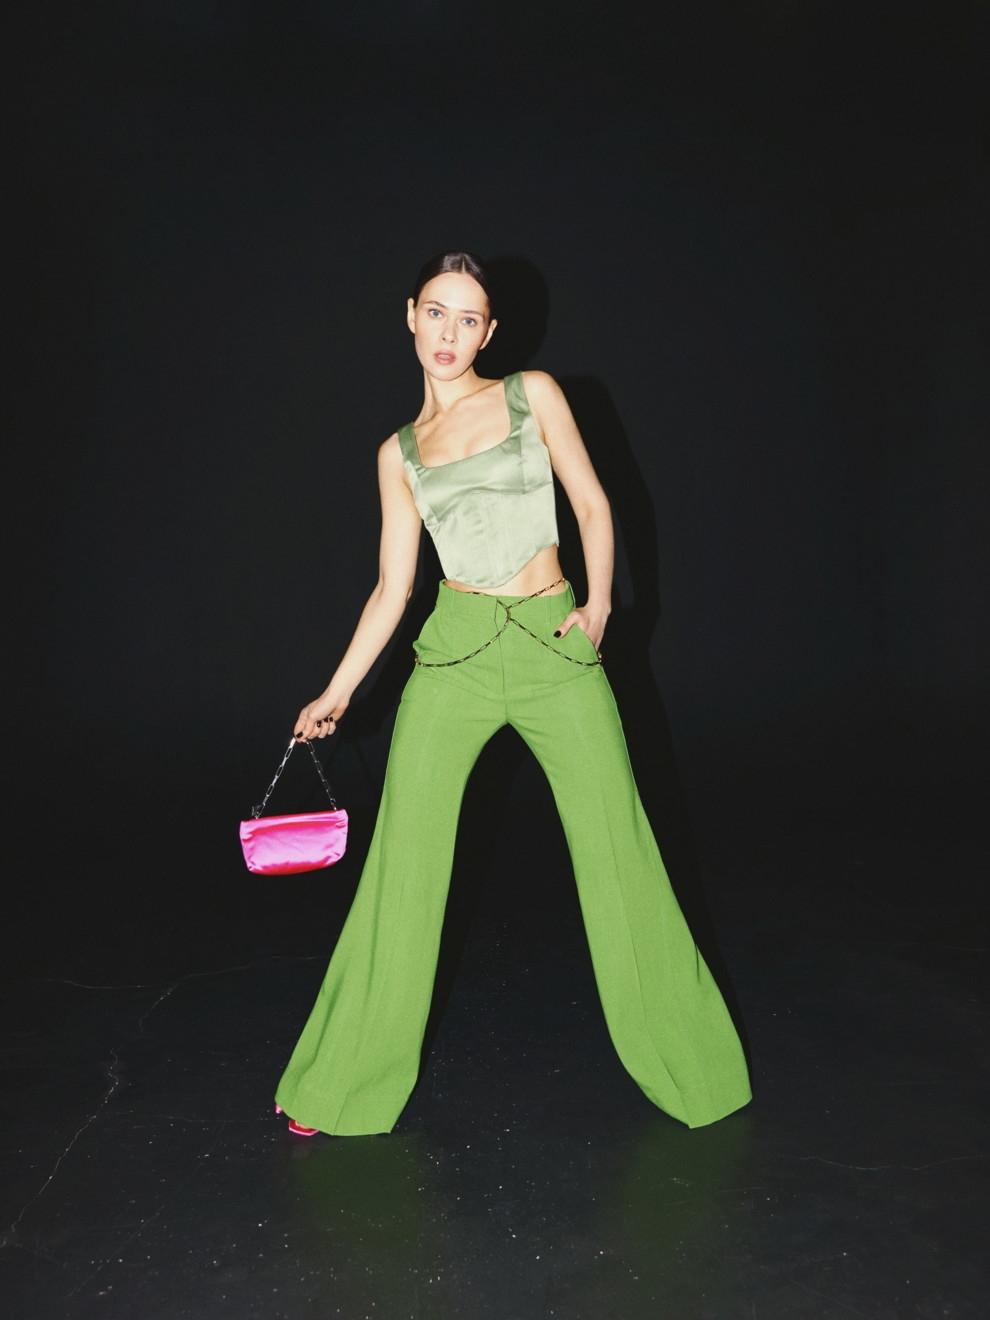 В соблазнительных корсетах и неоновых колготках: Юлия Санина снялась для Vogue (ФОТО) - фото №4